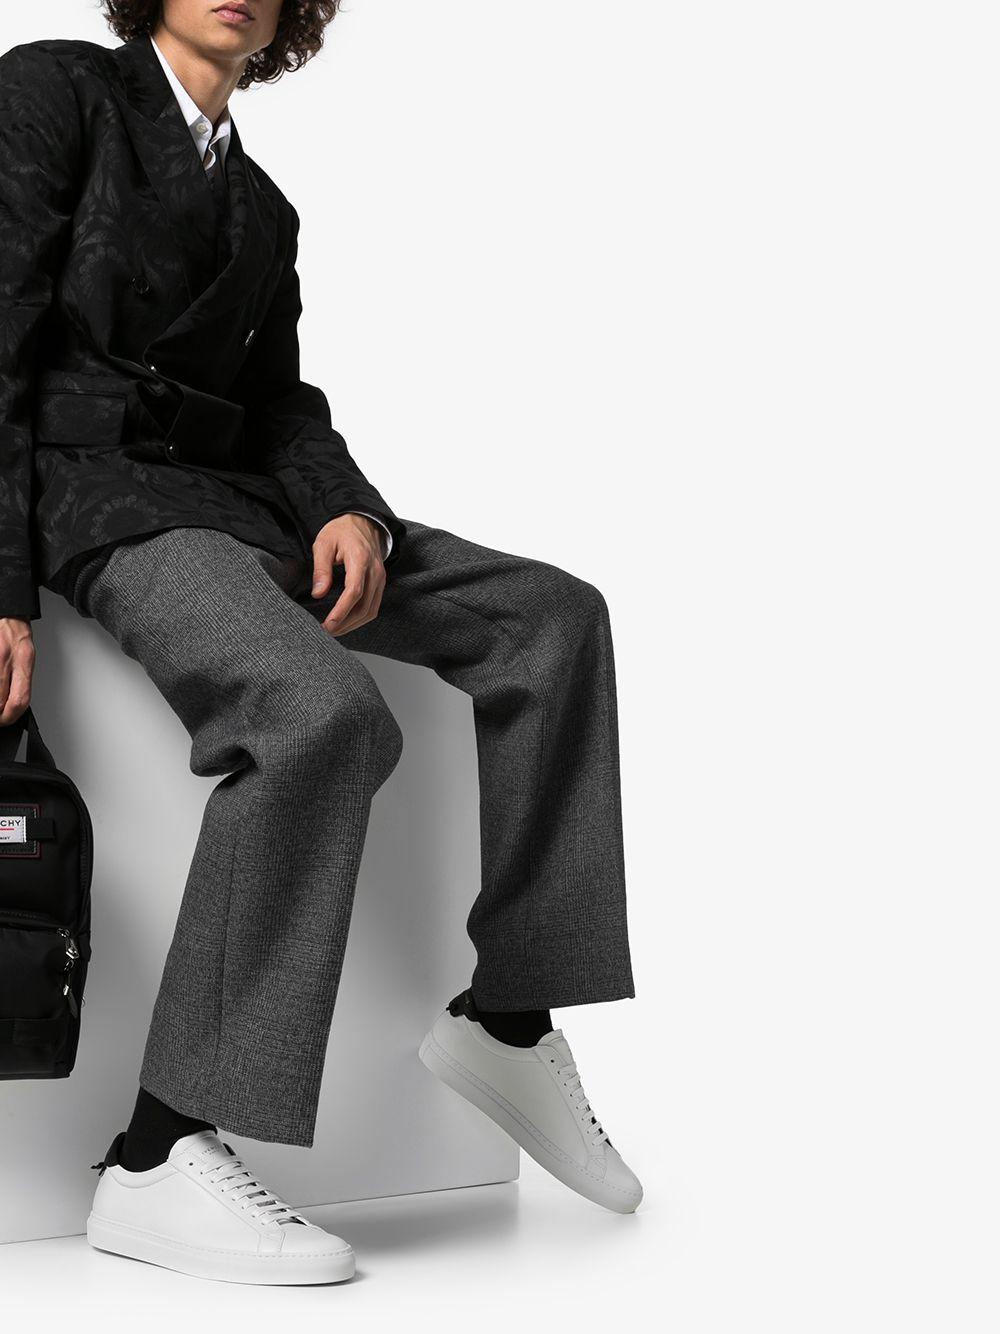 sneakers urban street in pelle di vitello bianca e tallone nero GIVENCHY | Sneakers | BH0002H0FS116